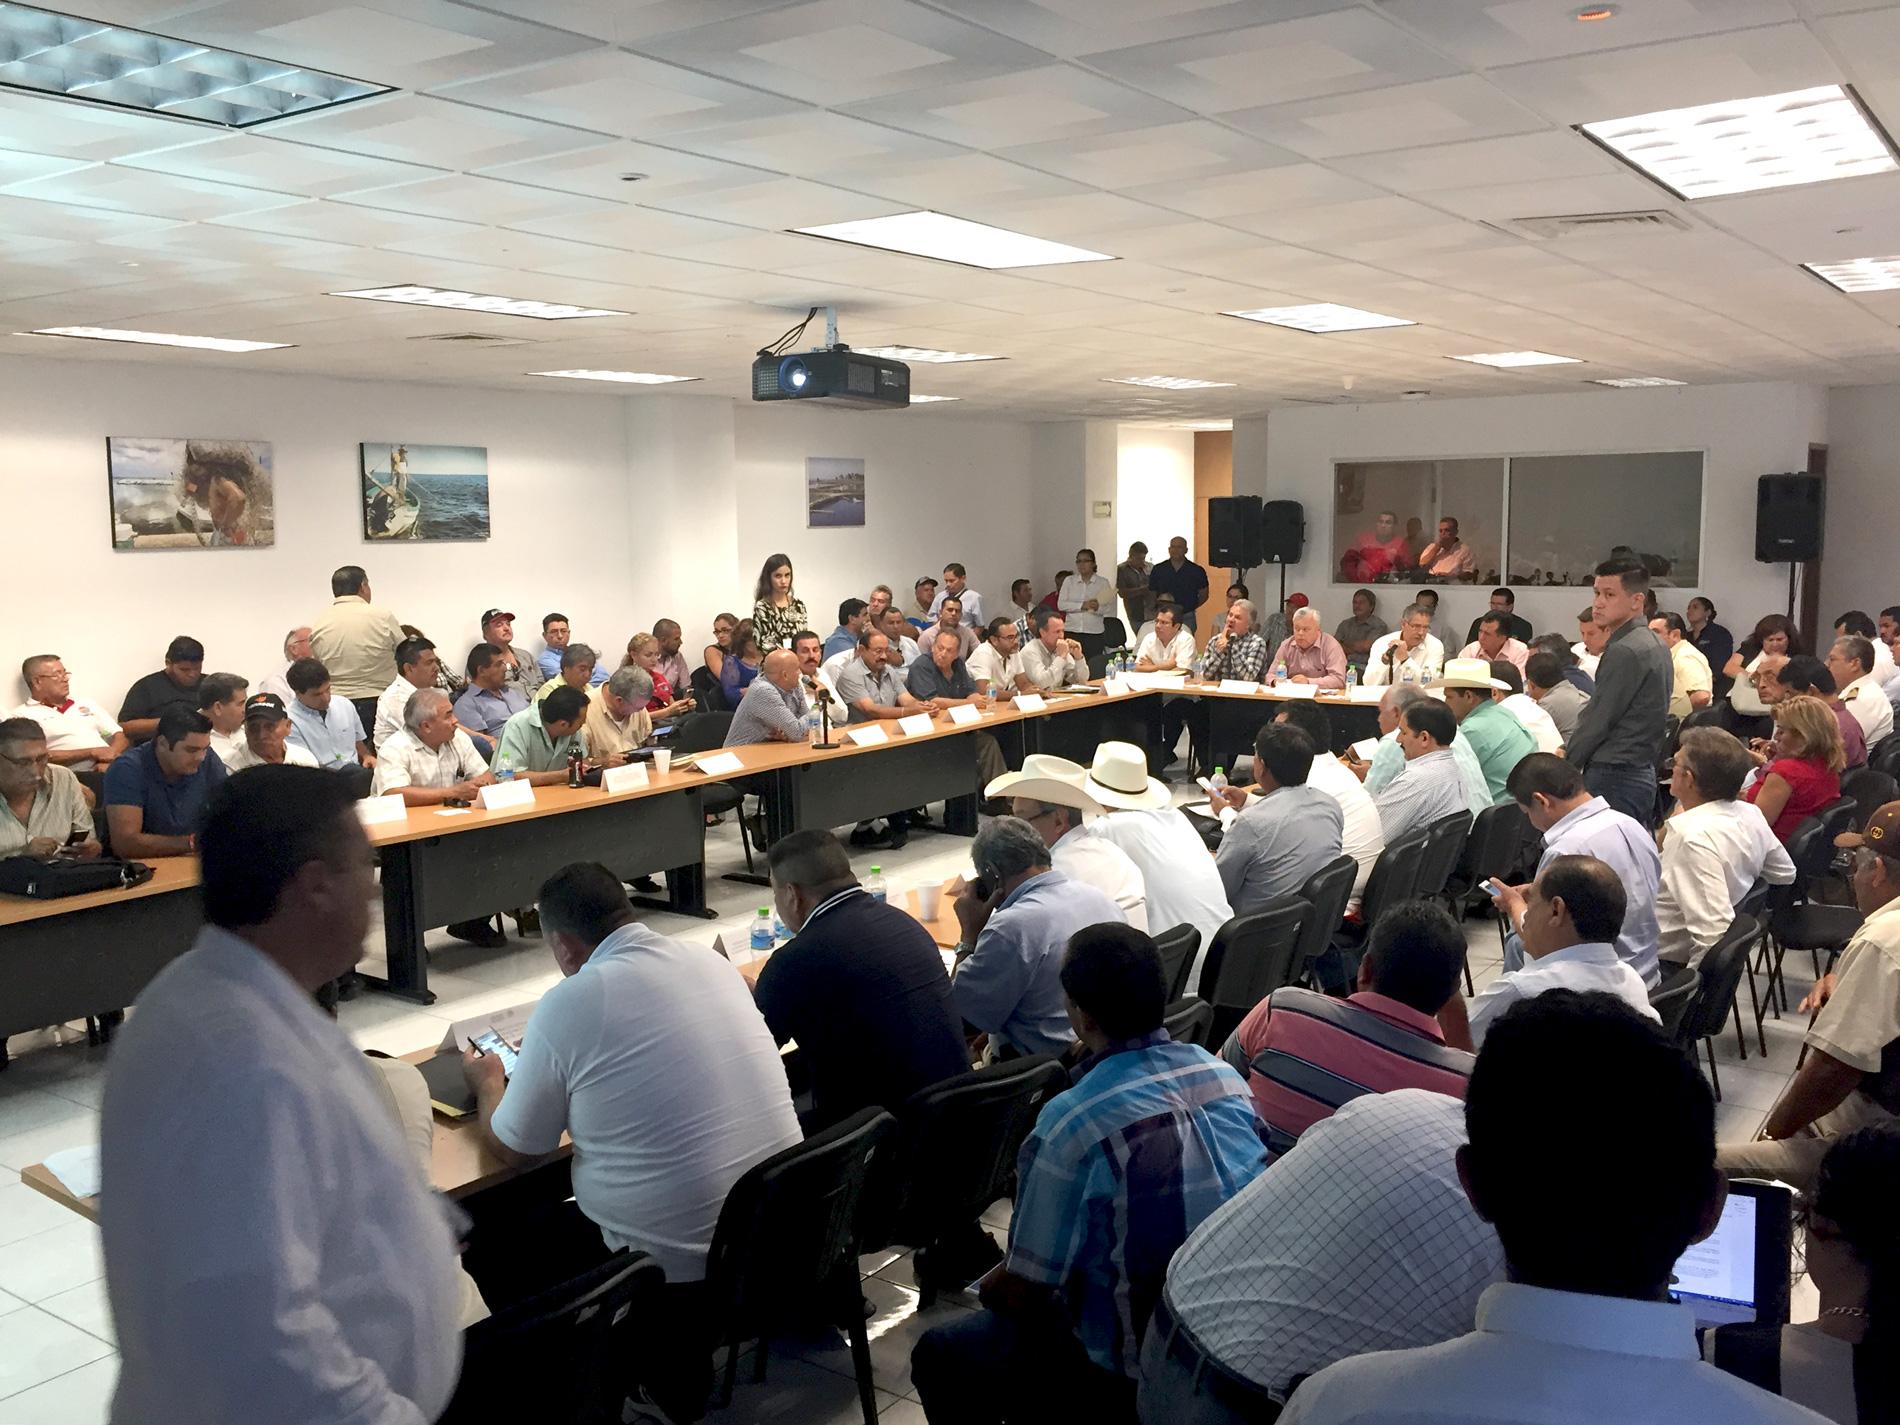 La CONAPESCA refrendó su compromiso de continuar fortaleciendo el manejo de la pesca del camarón con acciones de ordenamiento.